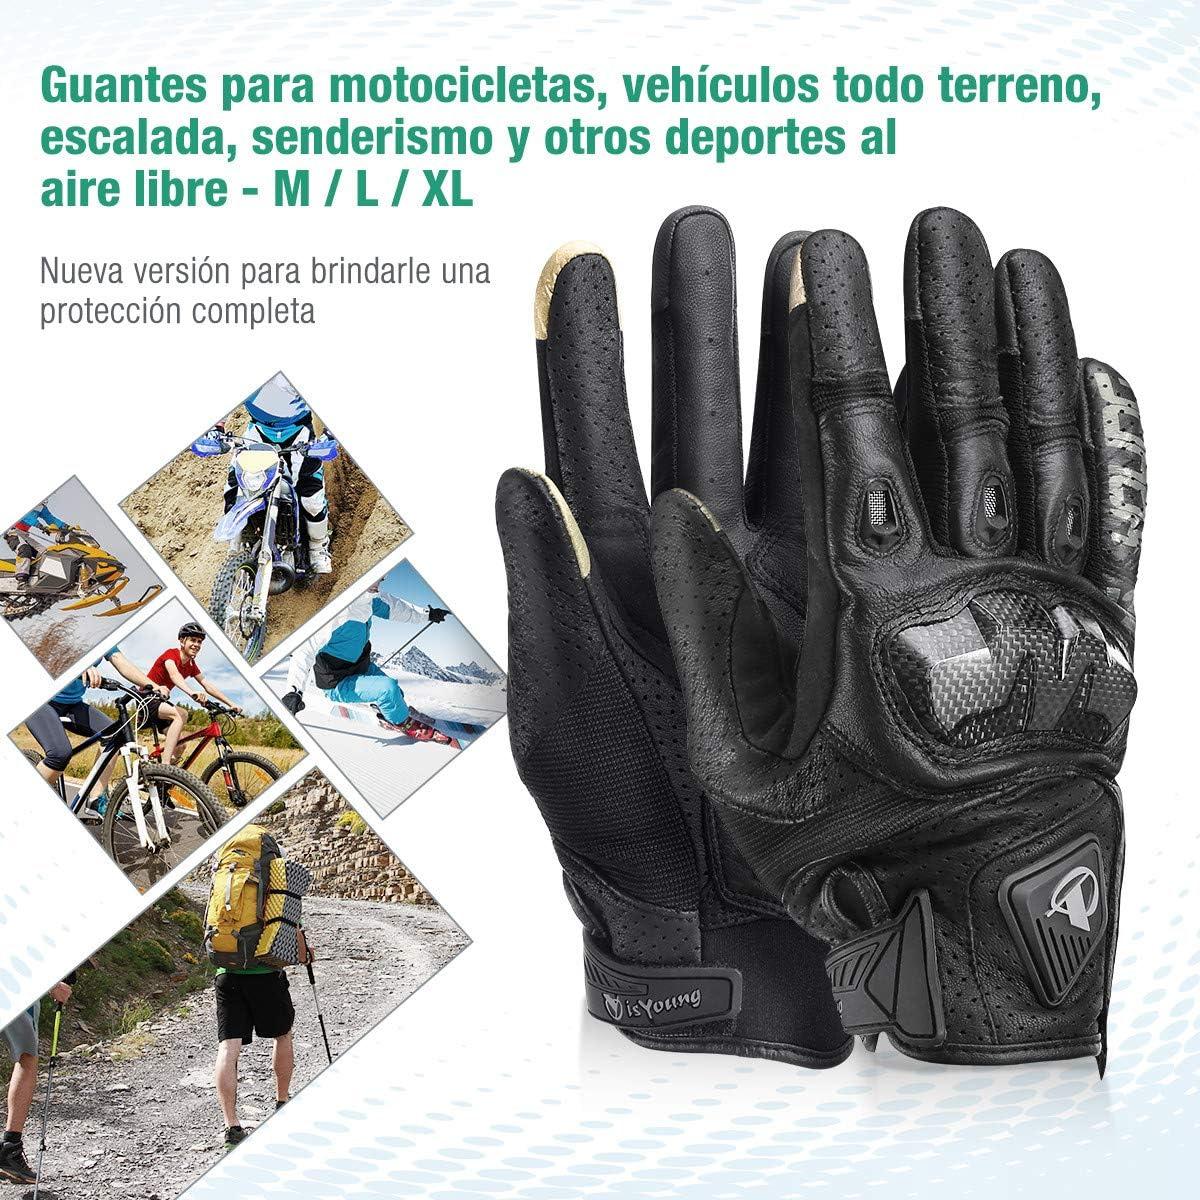 isYoung Guantes de Ciclismo Guantes para Bicicleta de Pantalla Táctil para Mujer y Hombre Ajustable Invierno y Verano para Moto Conducción Ciclismo ...